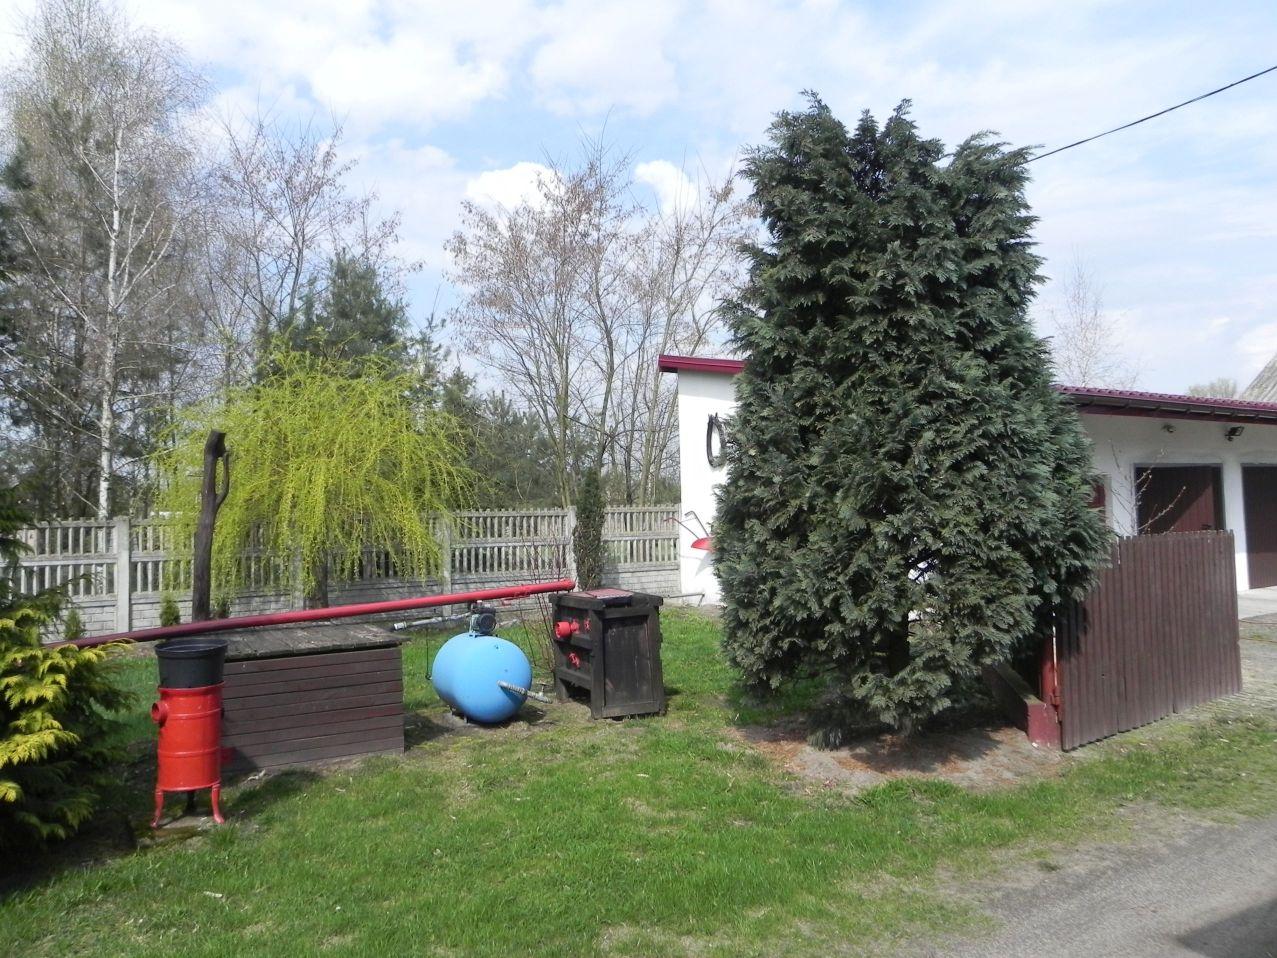 Galeria zdjęć Sochowej Zagrody - podwórko i przyroda (8)